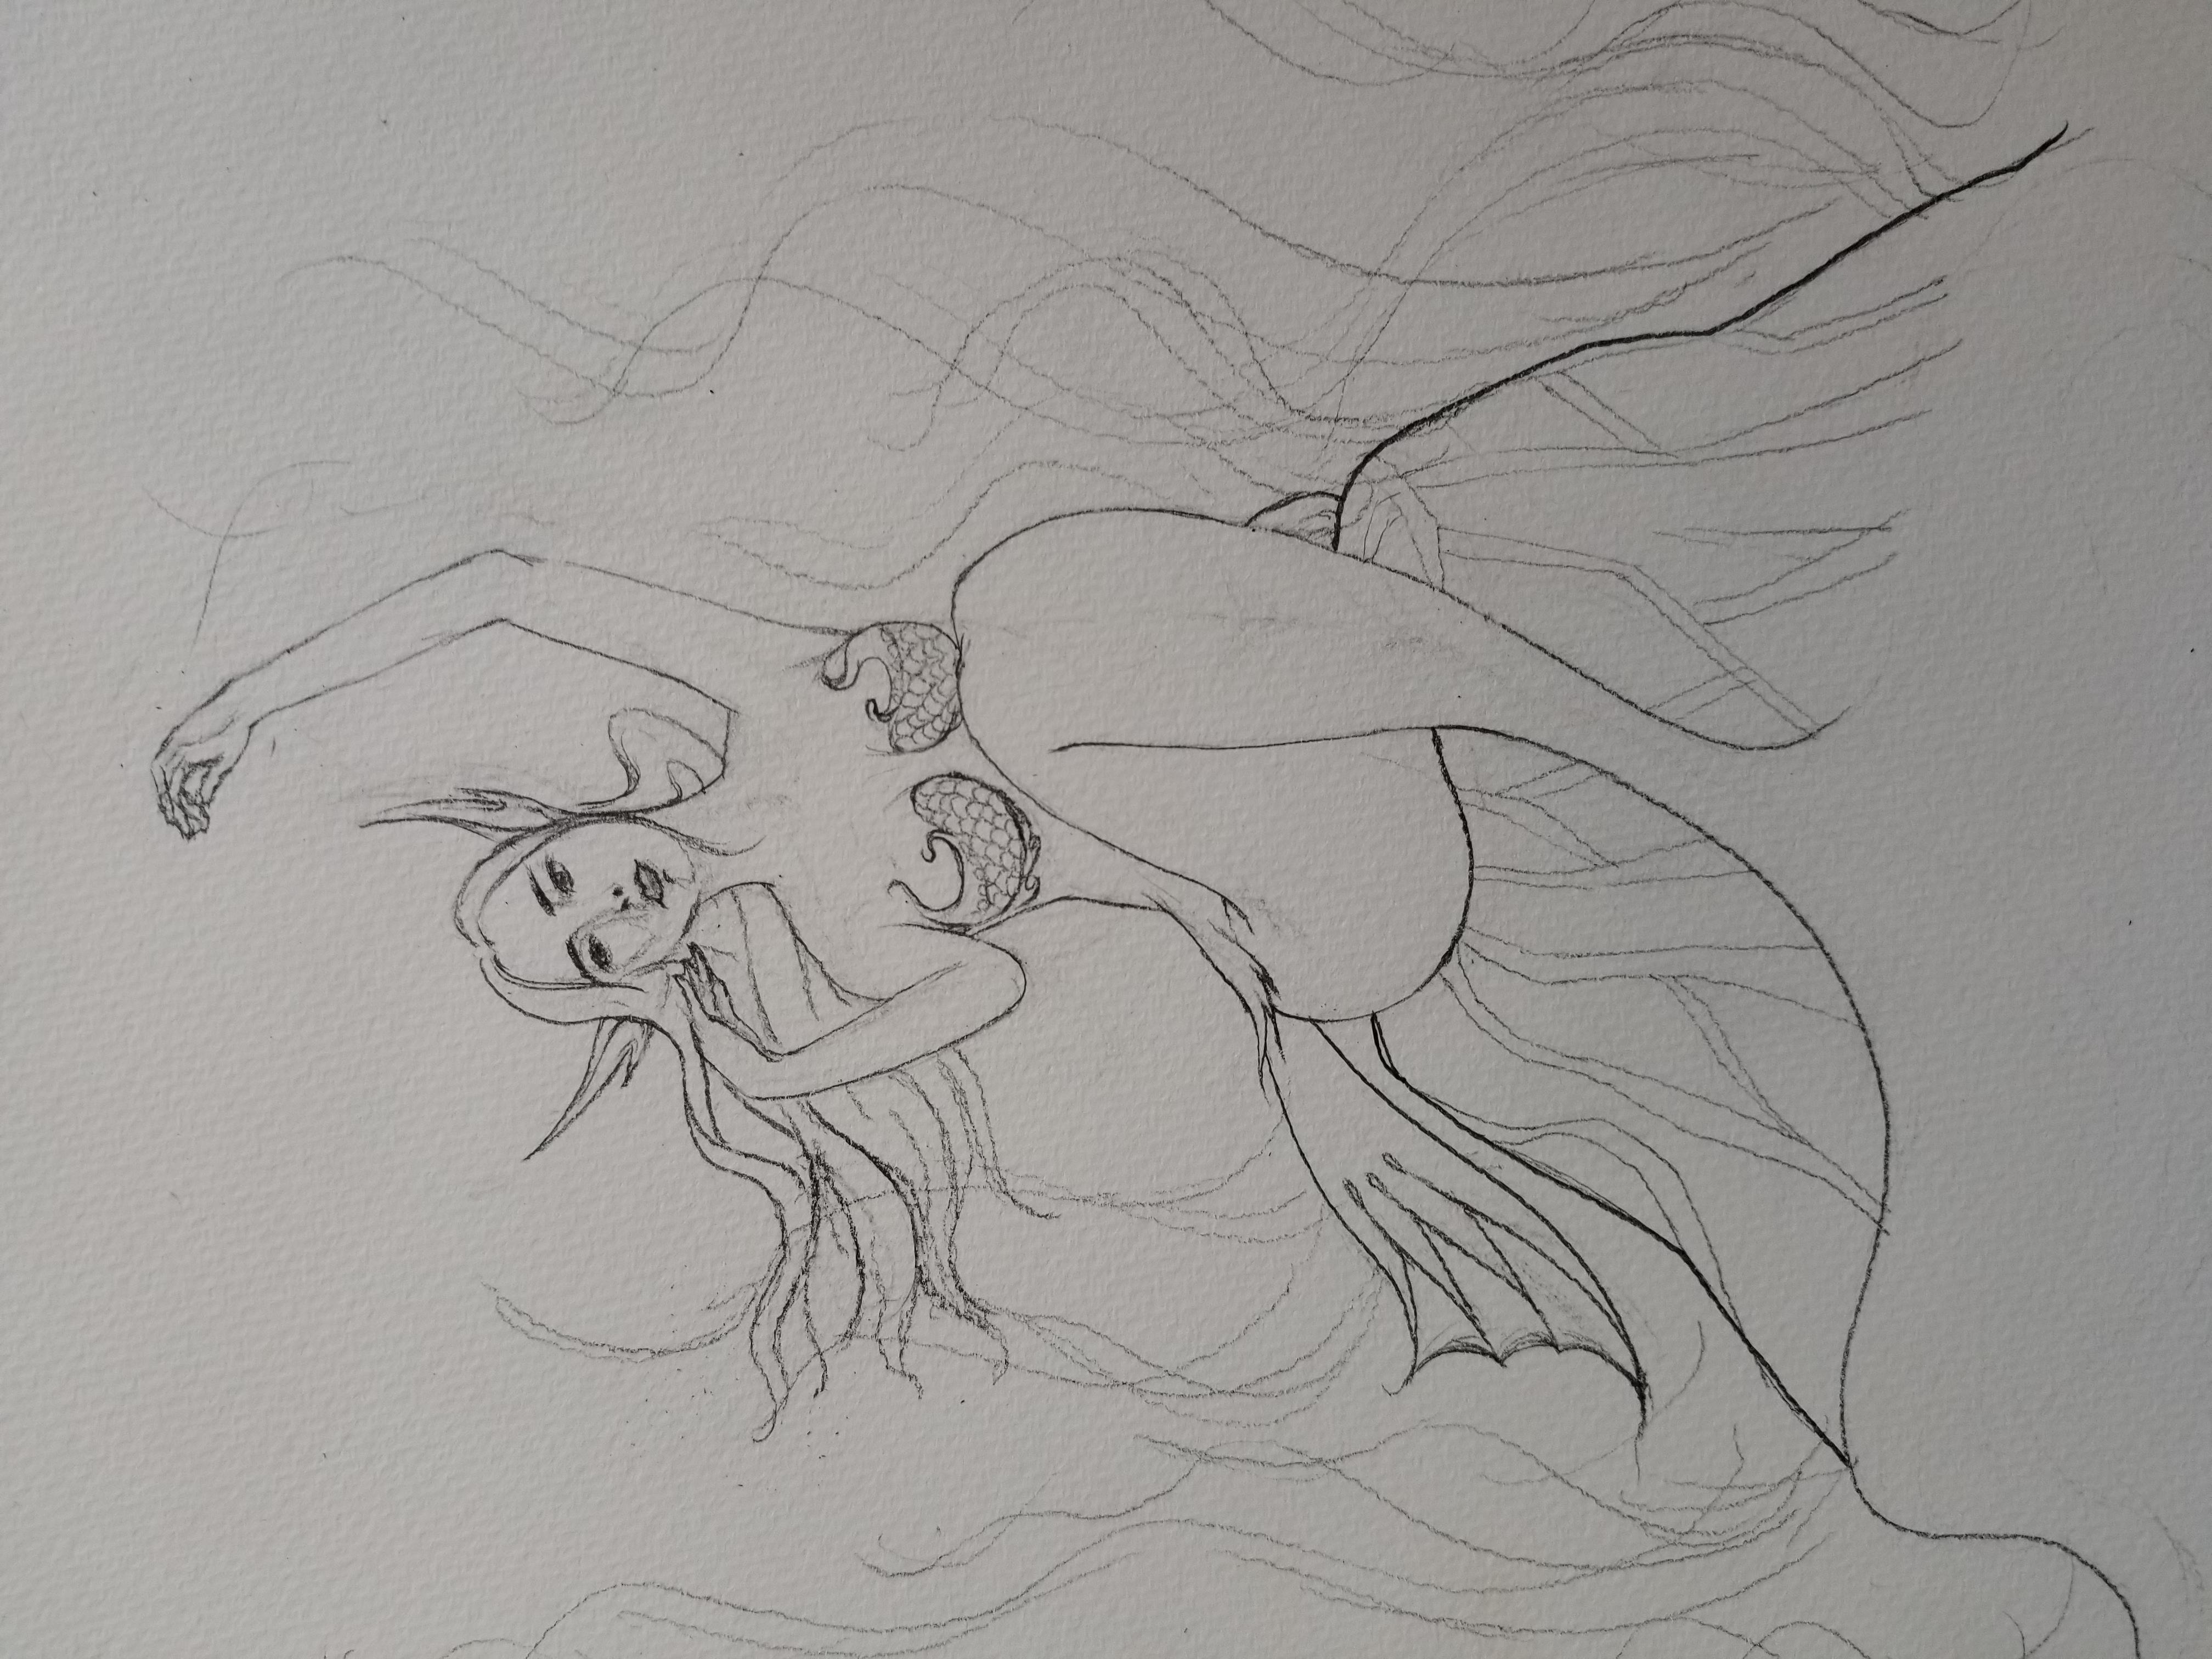 简笔画 手绘 素描 线稿 4032_3024